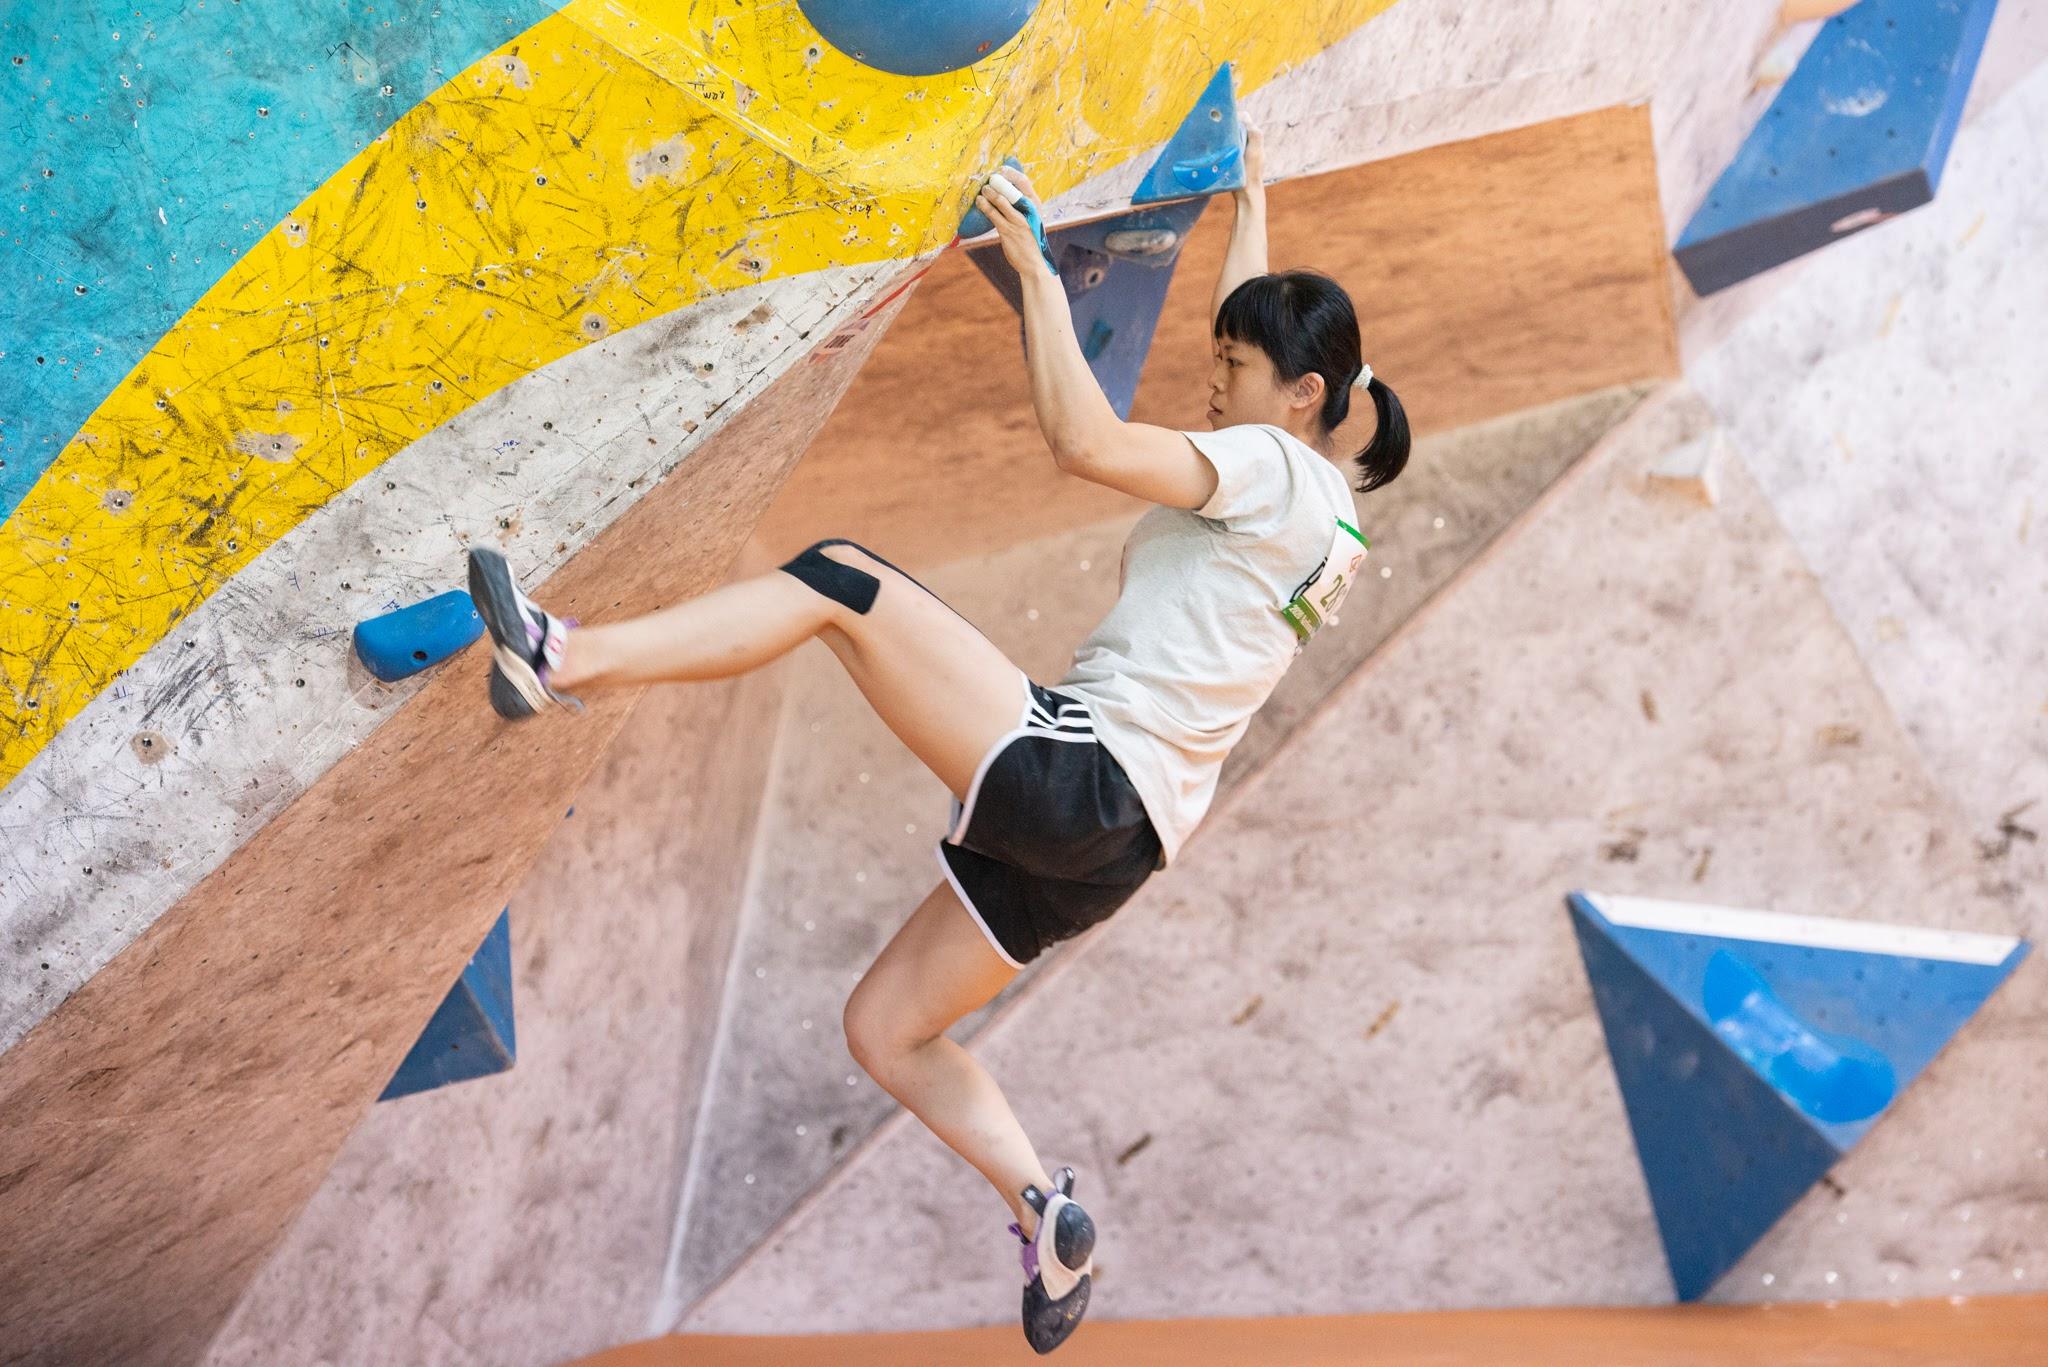 東京奧運新增項目—「攀岩」,如何透過飲食,享受攀岩同時達到健身的效果。